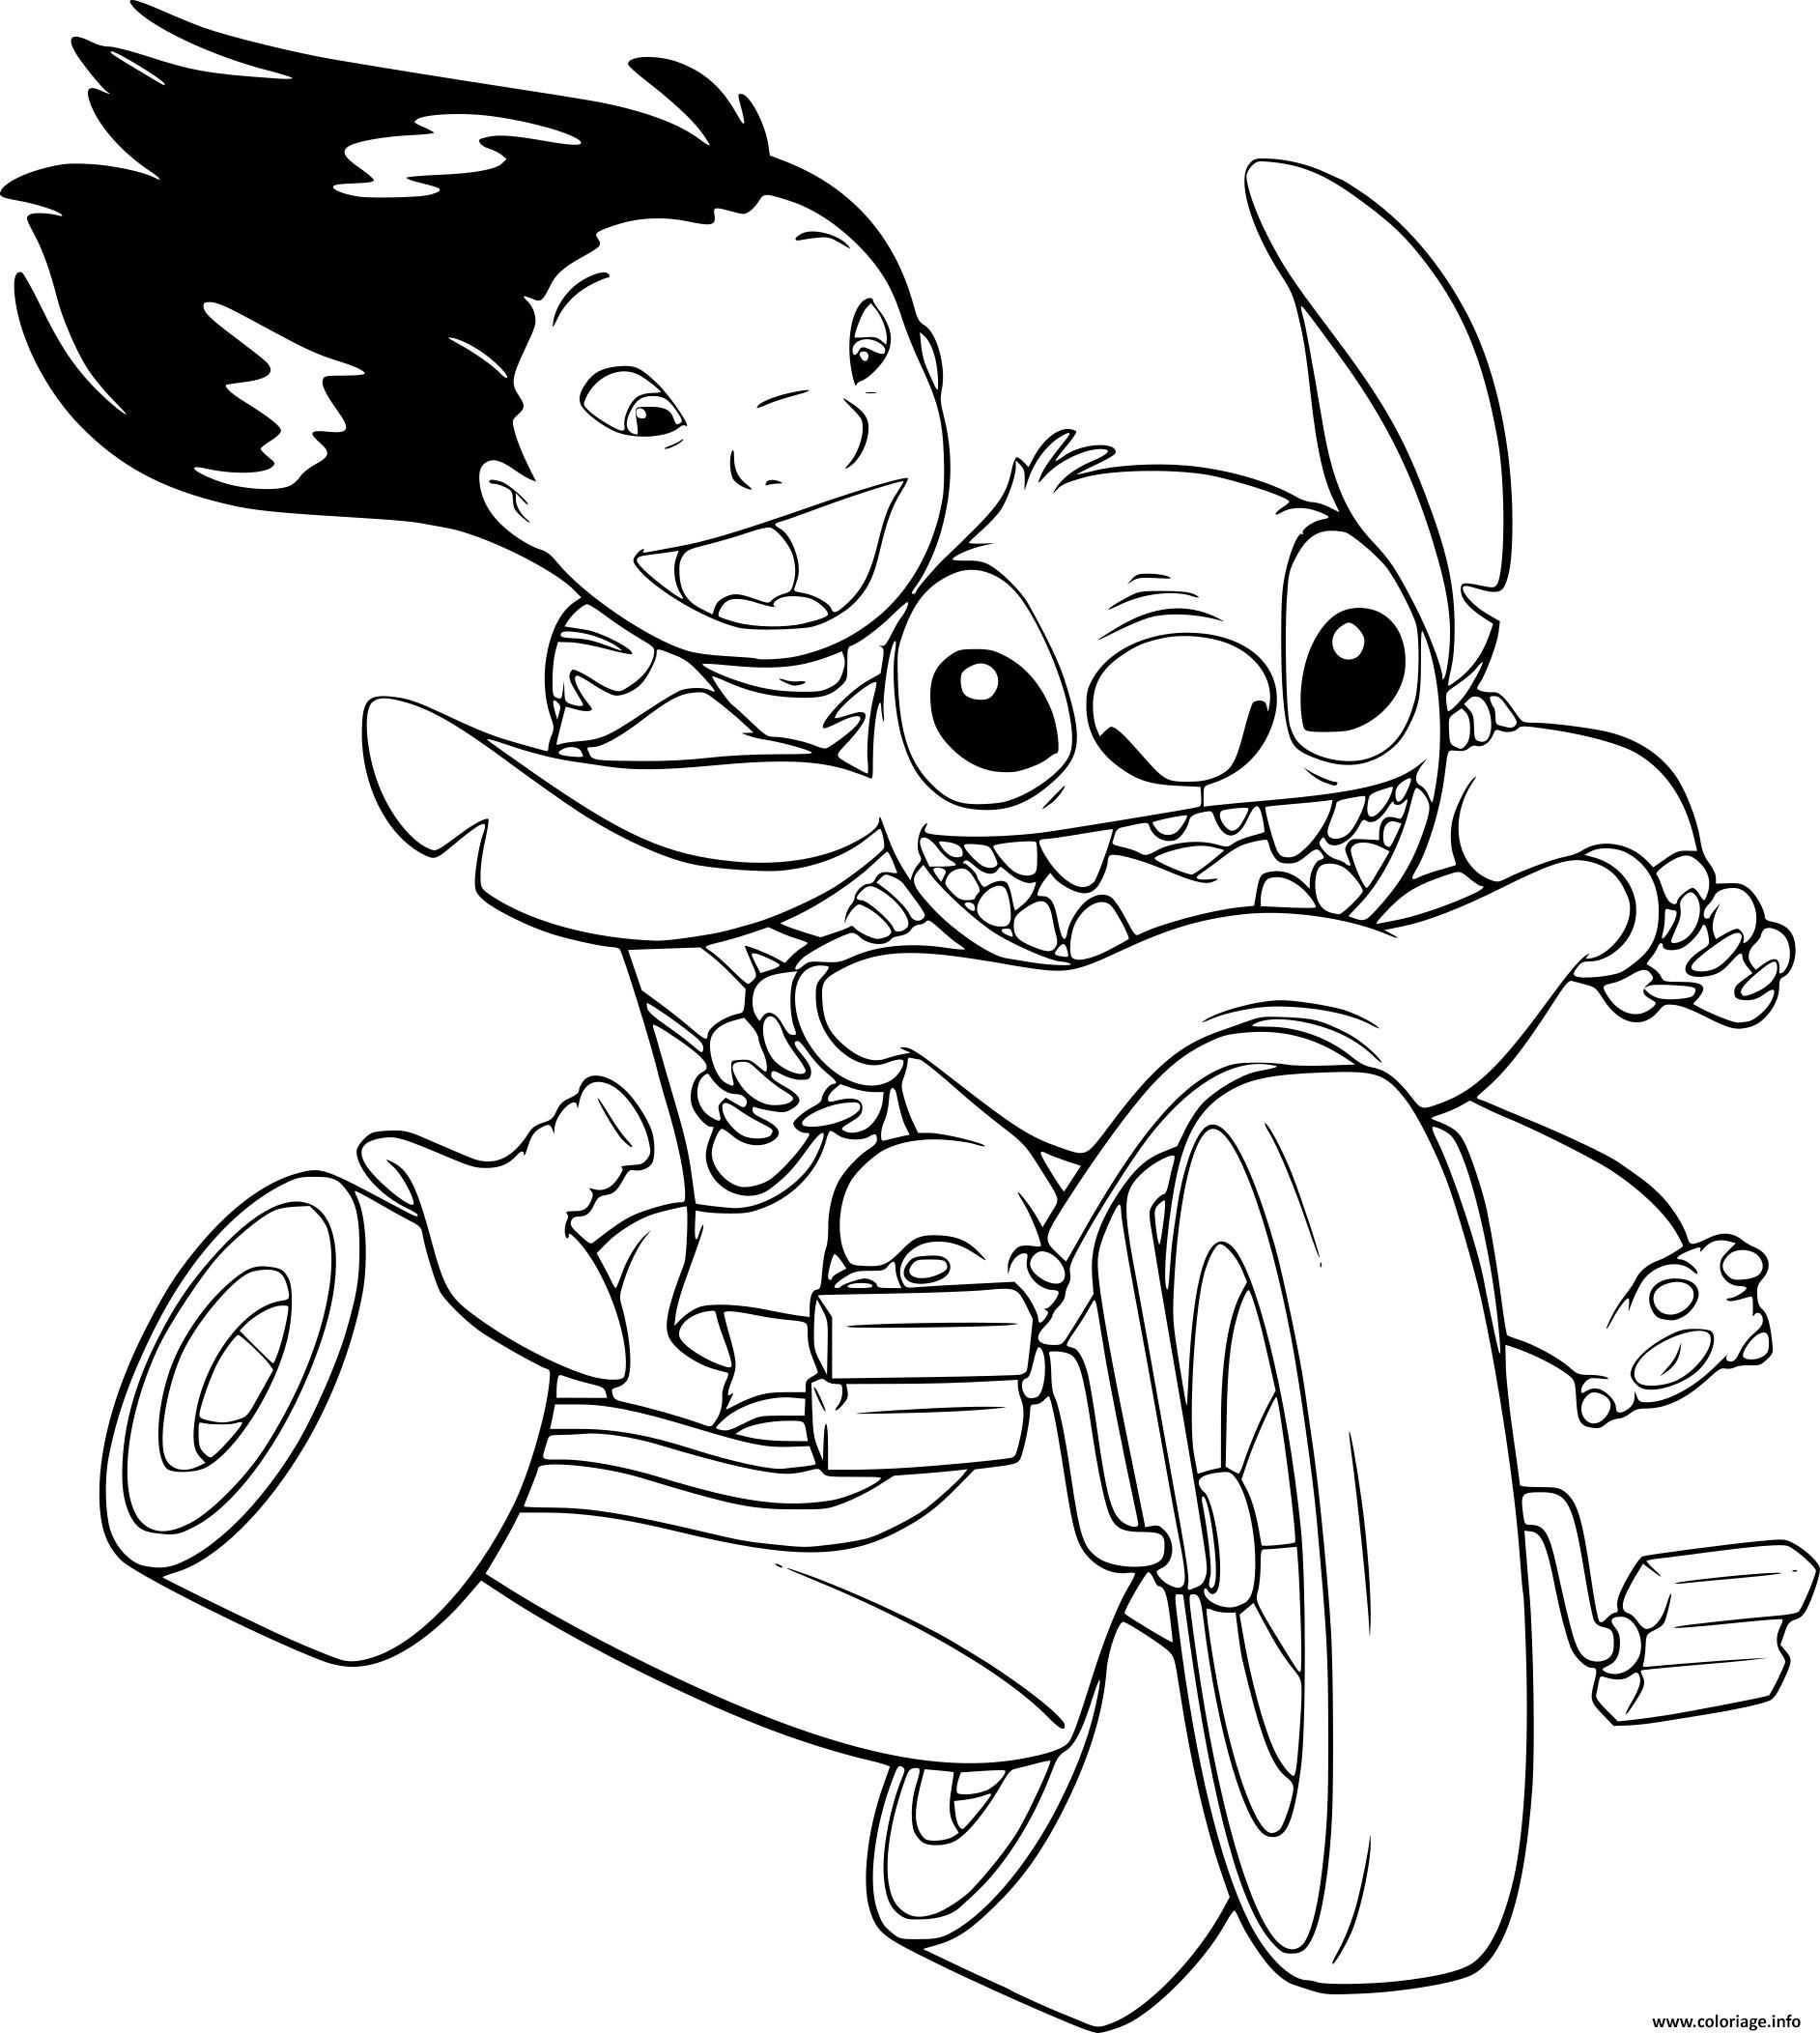 Coloriage Disney Lilo Et Stitch.Coloriage Lilo Et Stitch En Velo Jecolorie Com